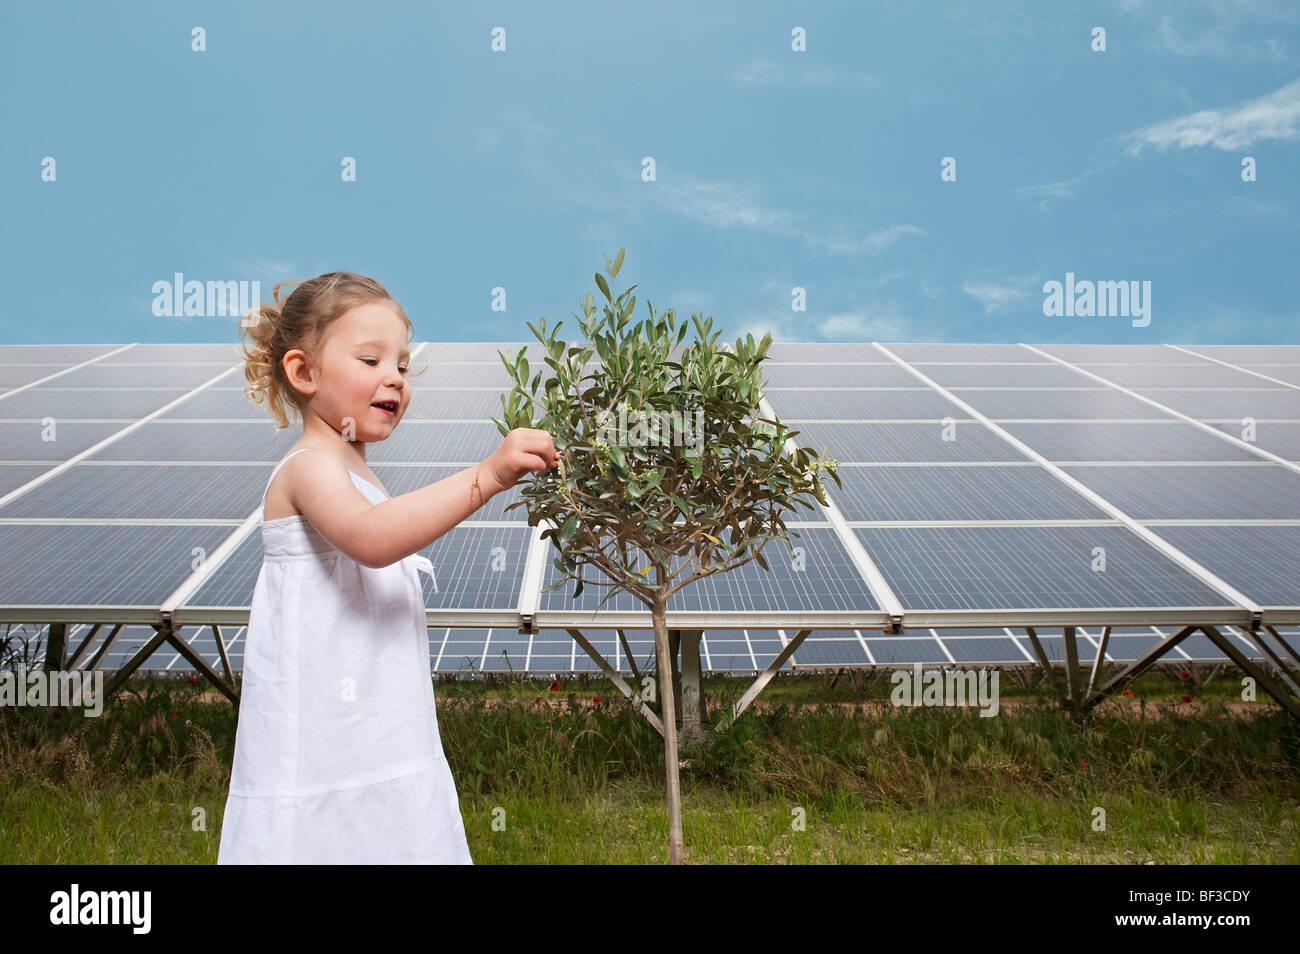 Chica y árbol en frente de panel solar Imagen De Stock